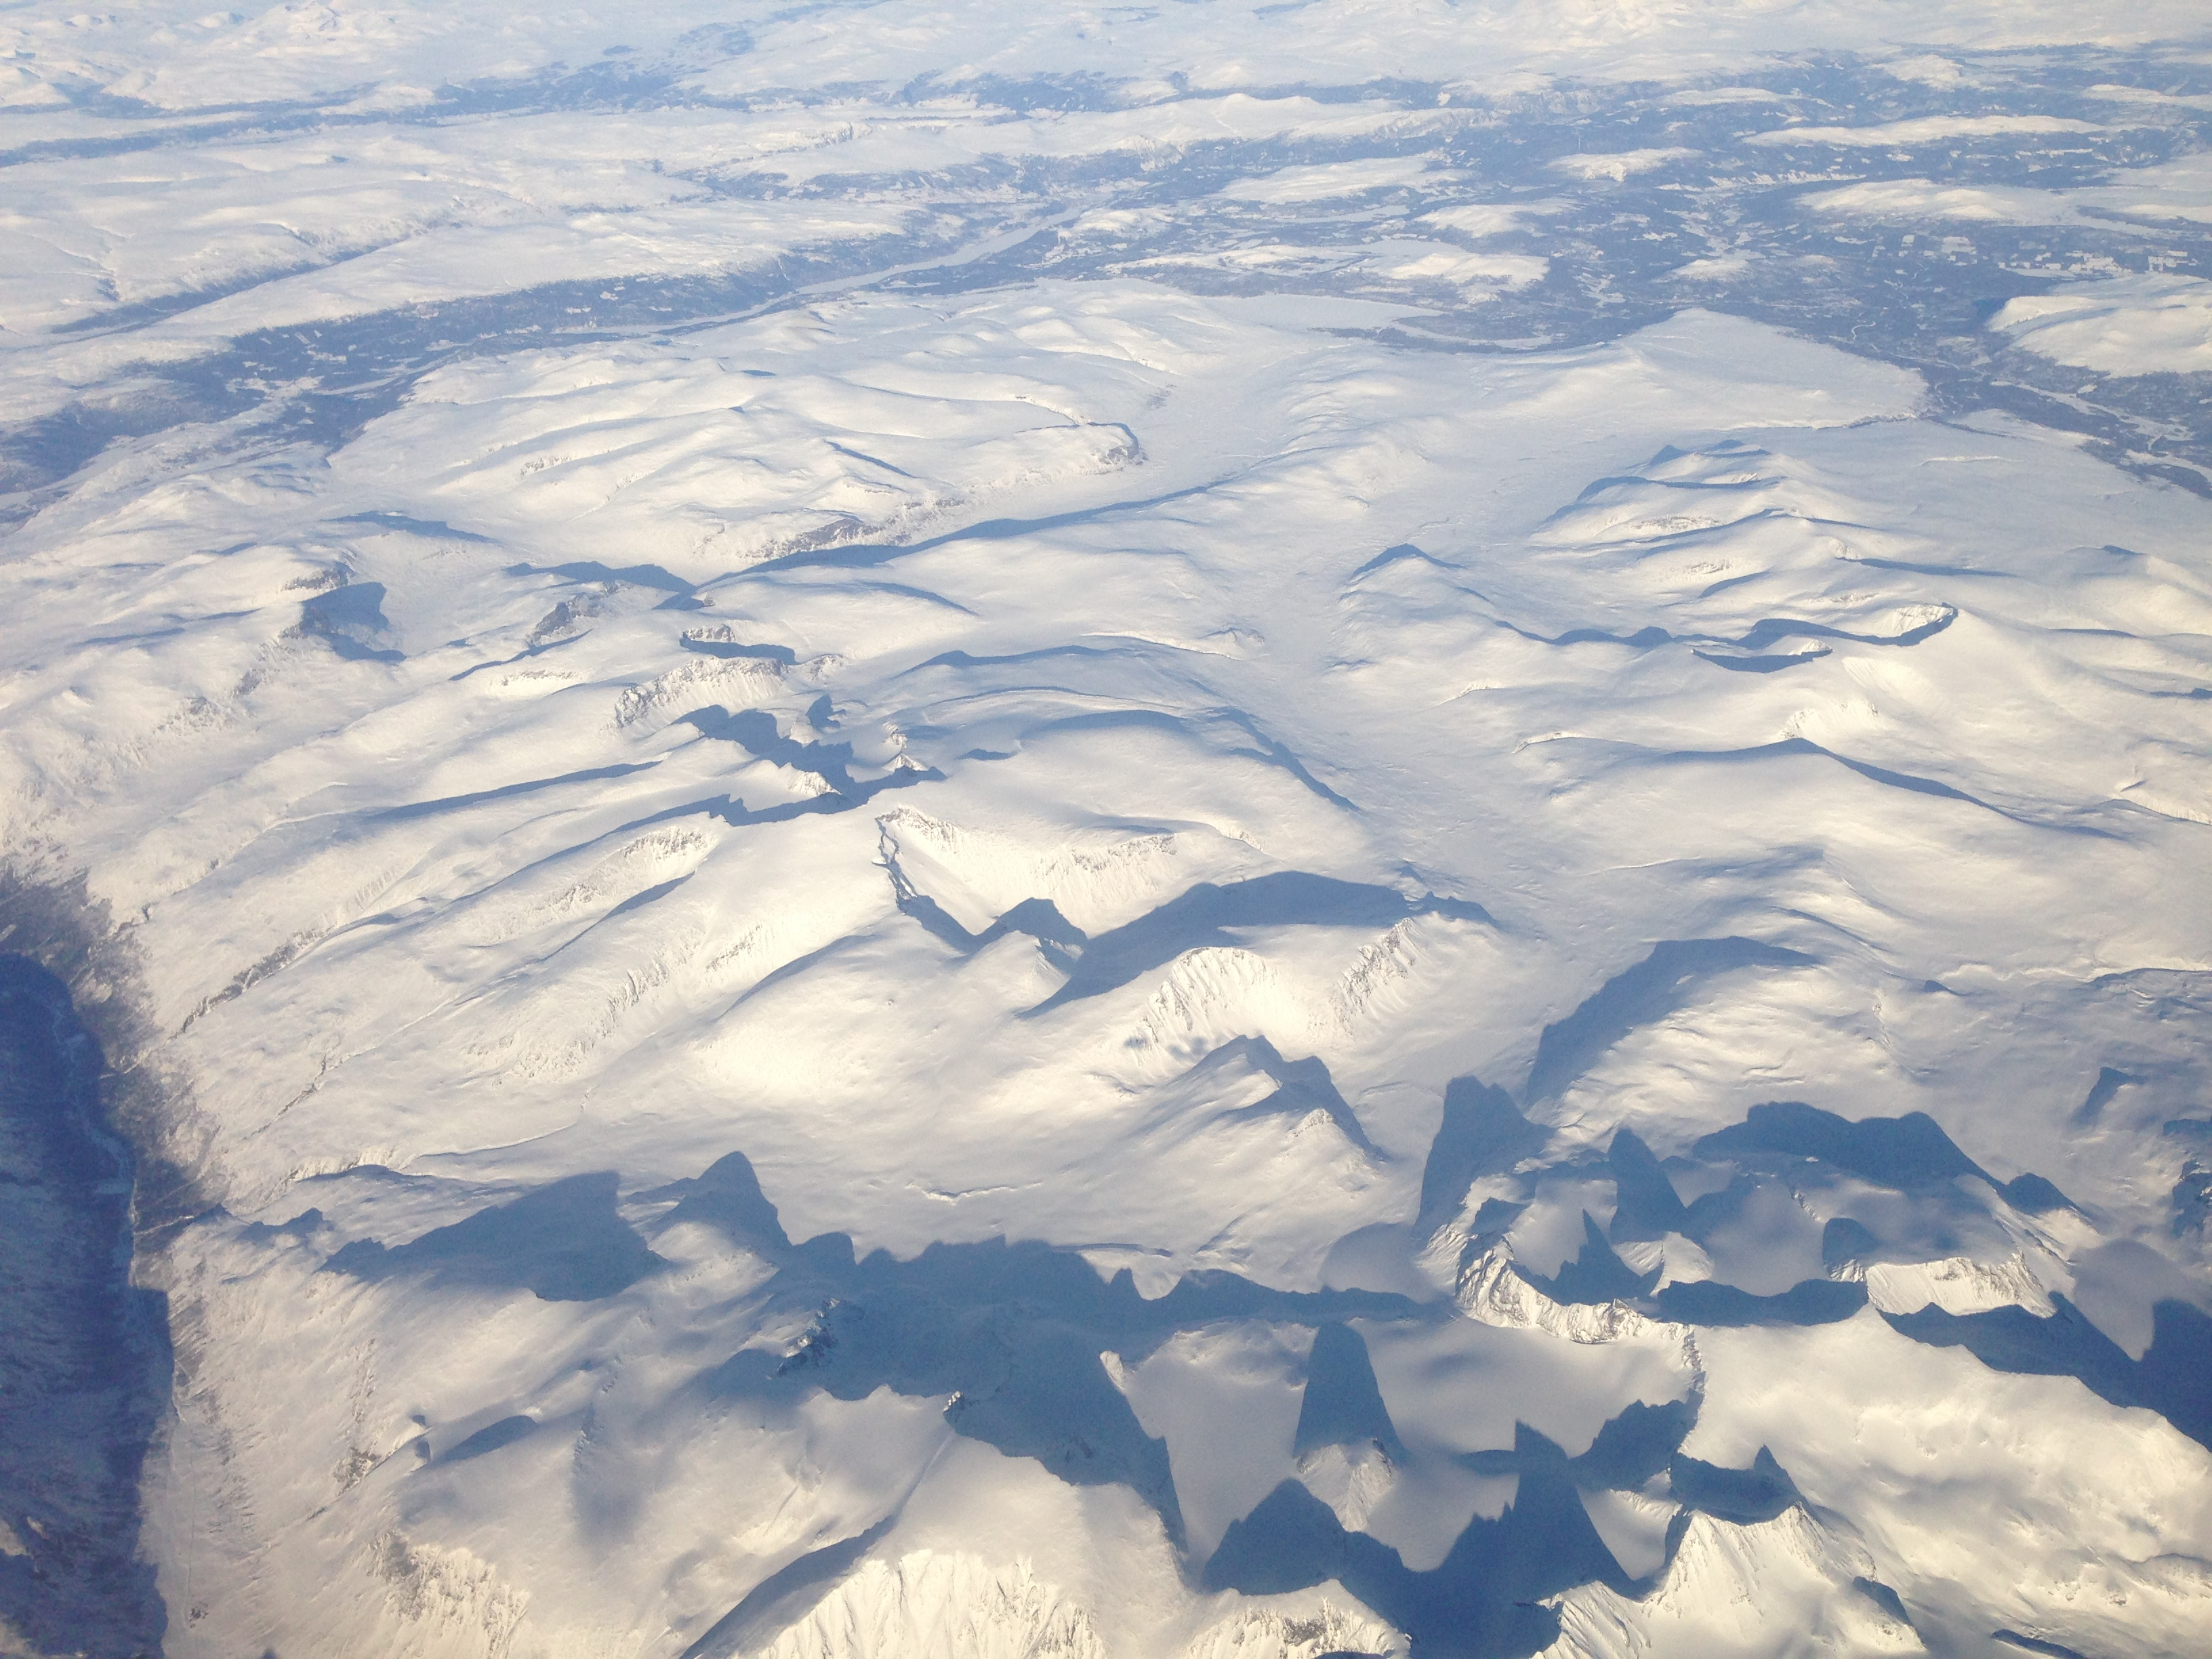 Glittertindmassivet med Spiterstulen nede til venstre. Glitterheim øst for Glittertinden, i Veodalen, ser ut til å ha forsvunnet i snømassene.